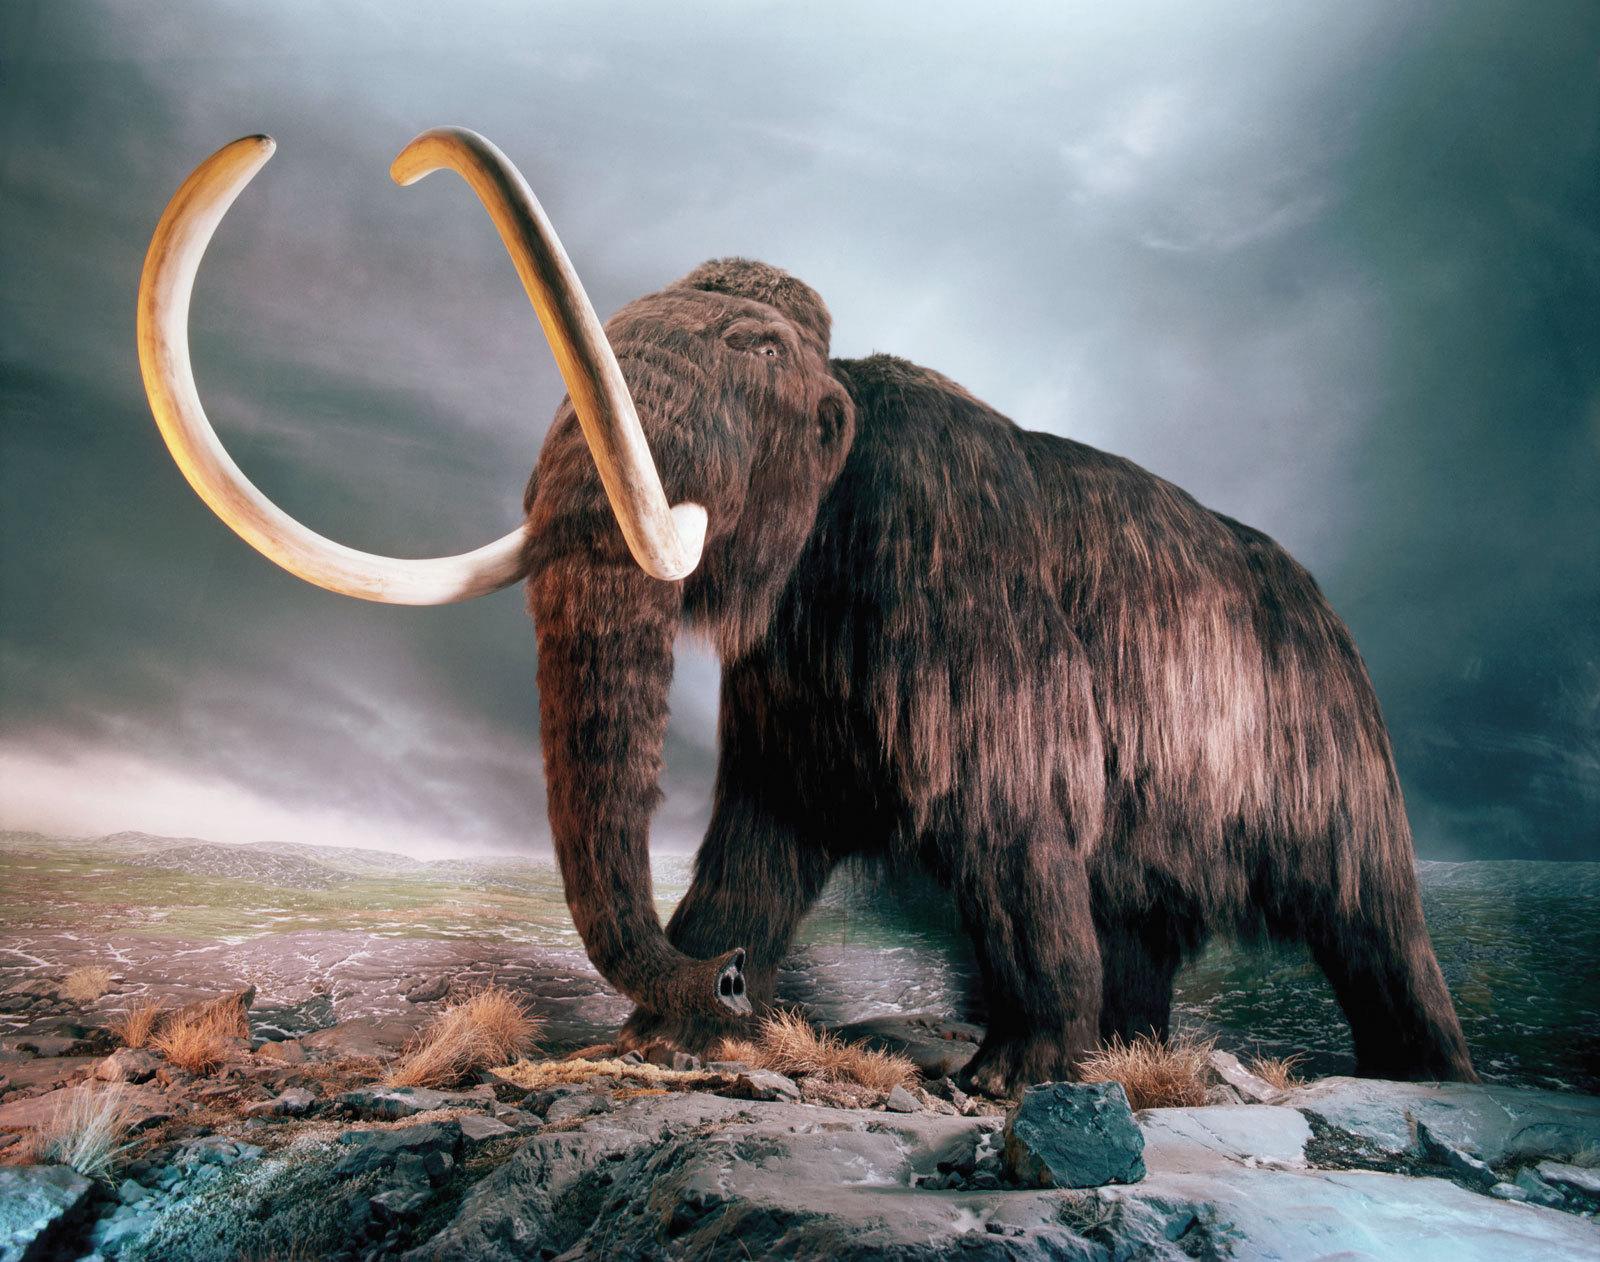 доисторические животные смотреть картинки продукт кавказе любят